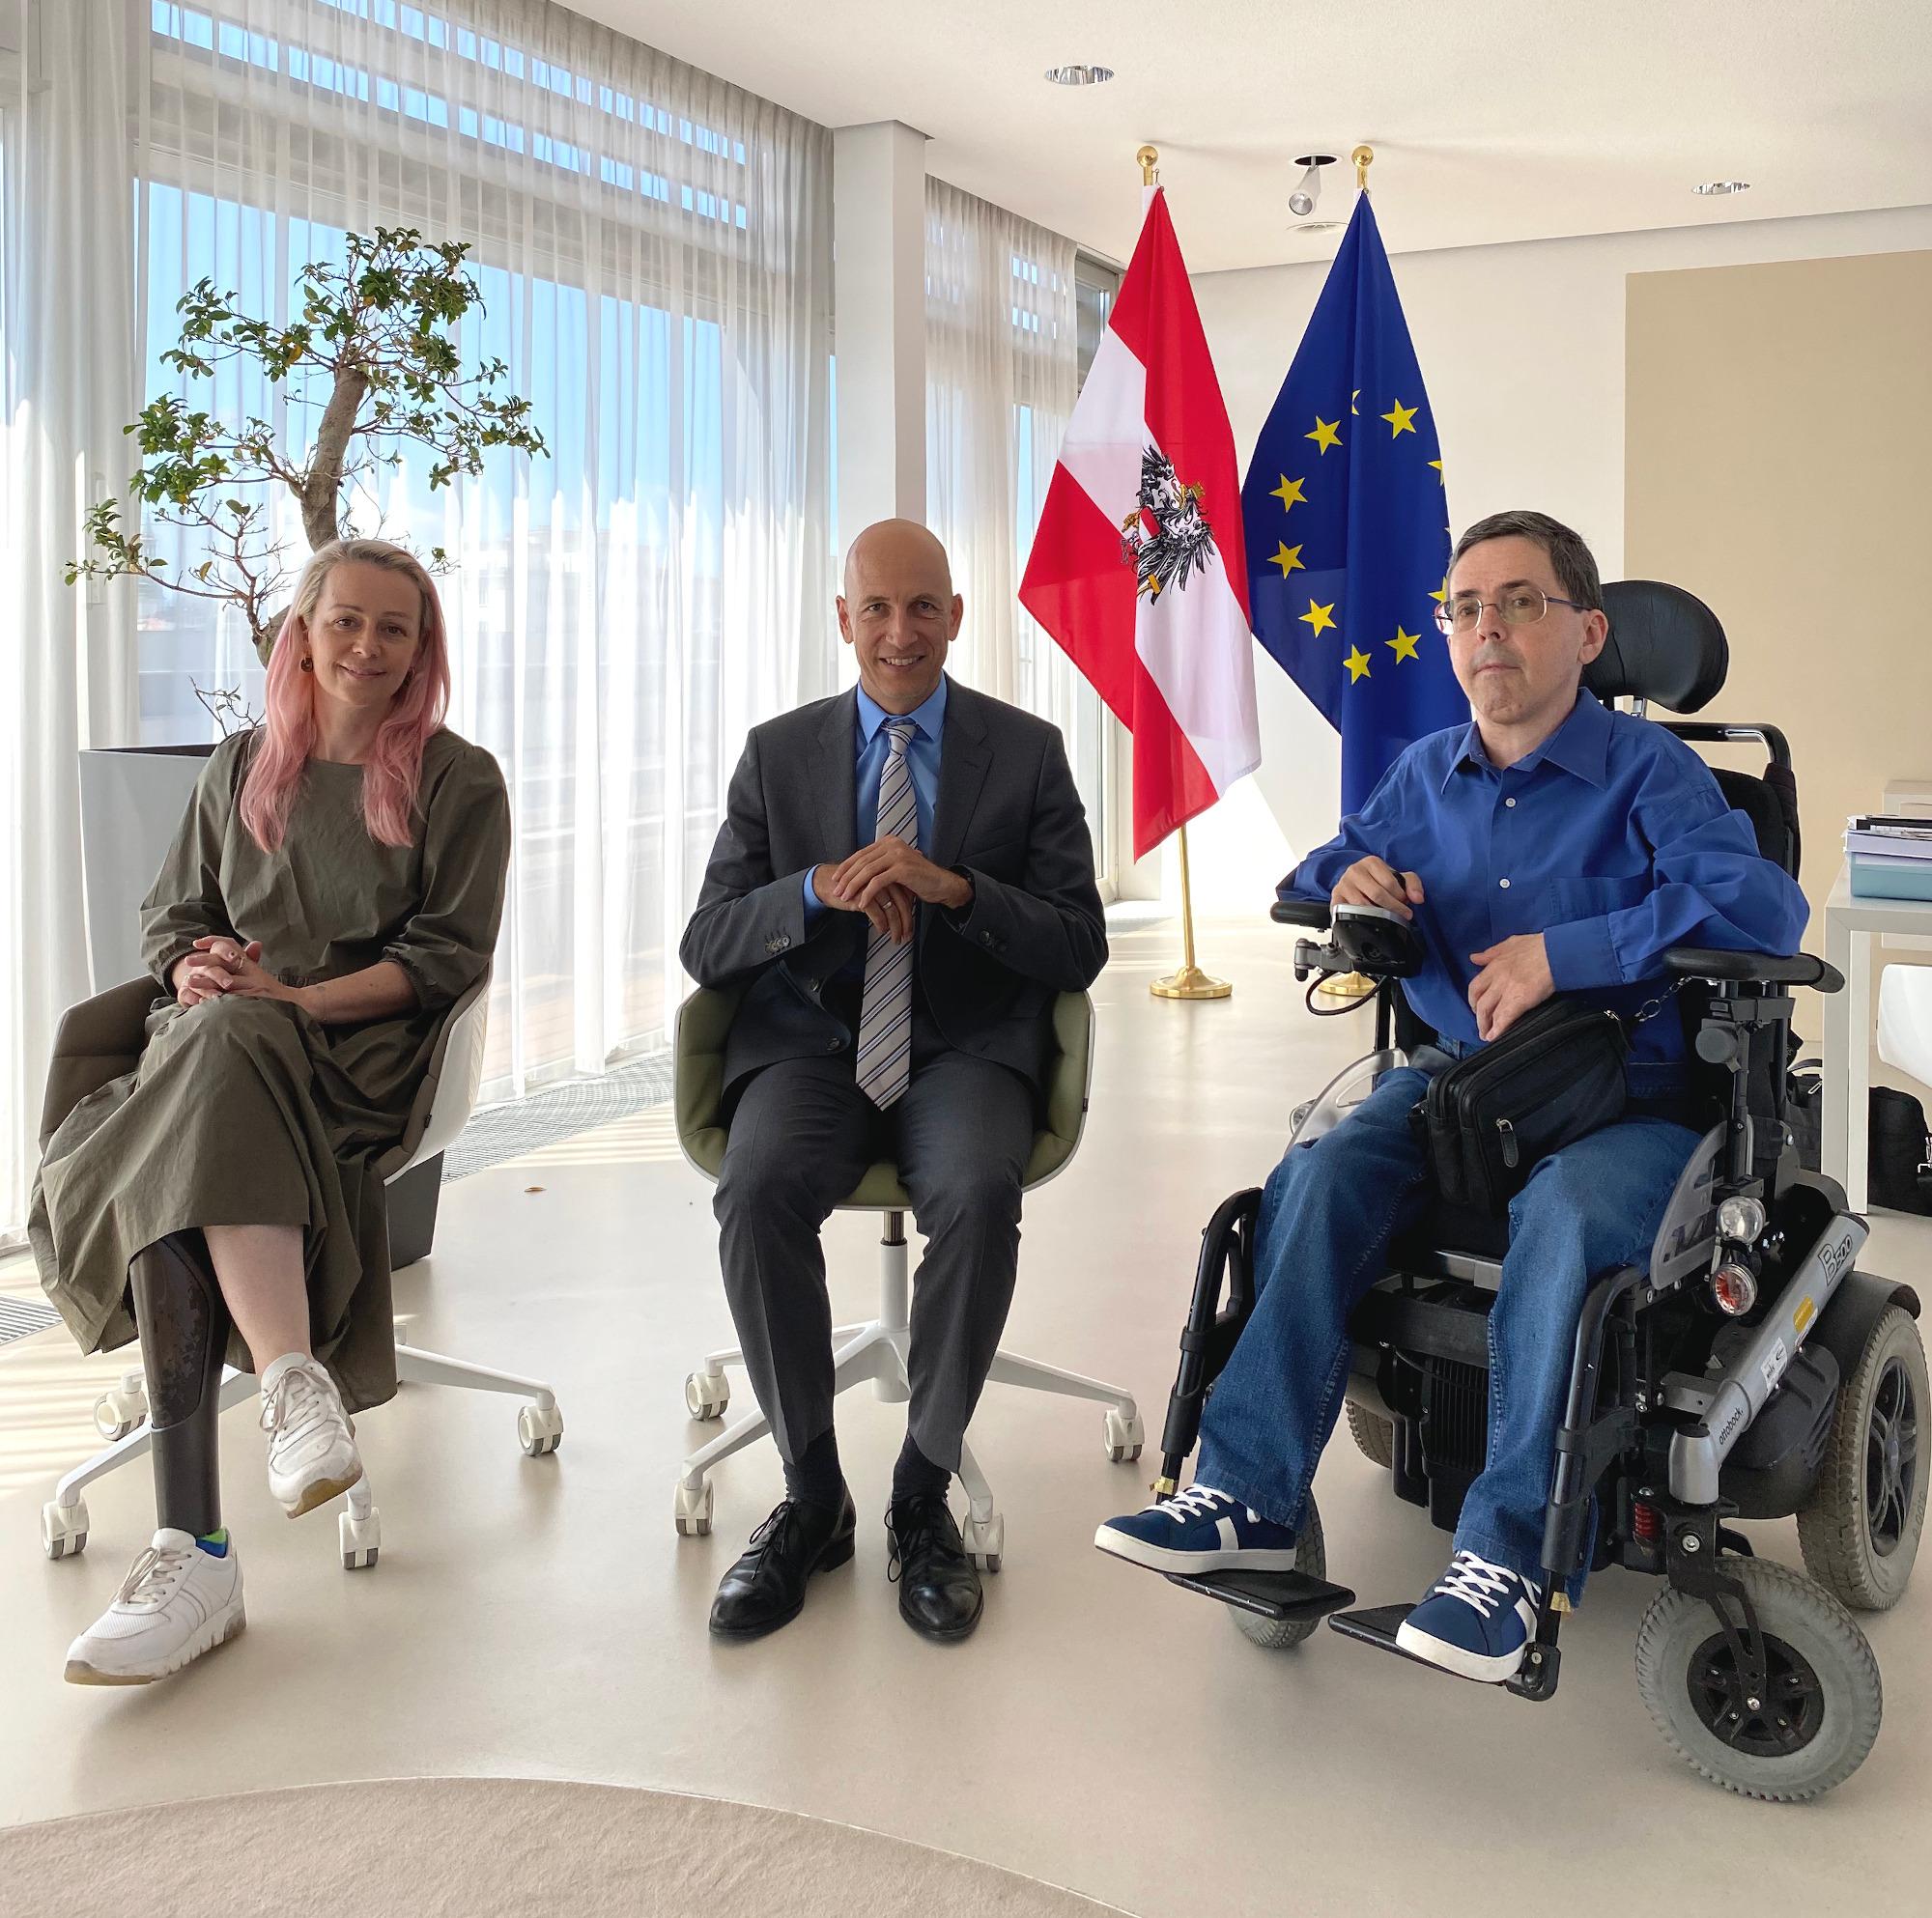 Christine Steger, Martin Kocher, Martin Ladstätter